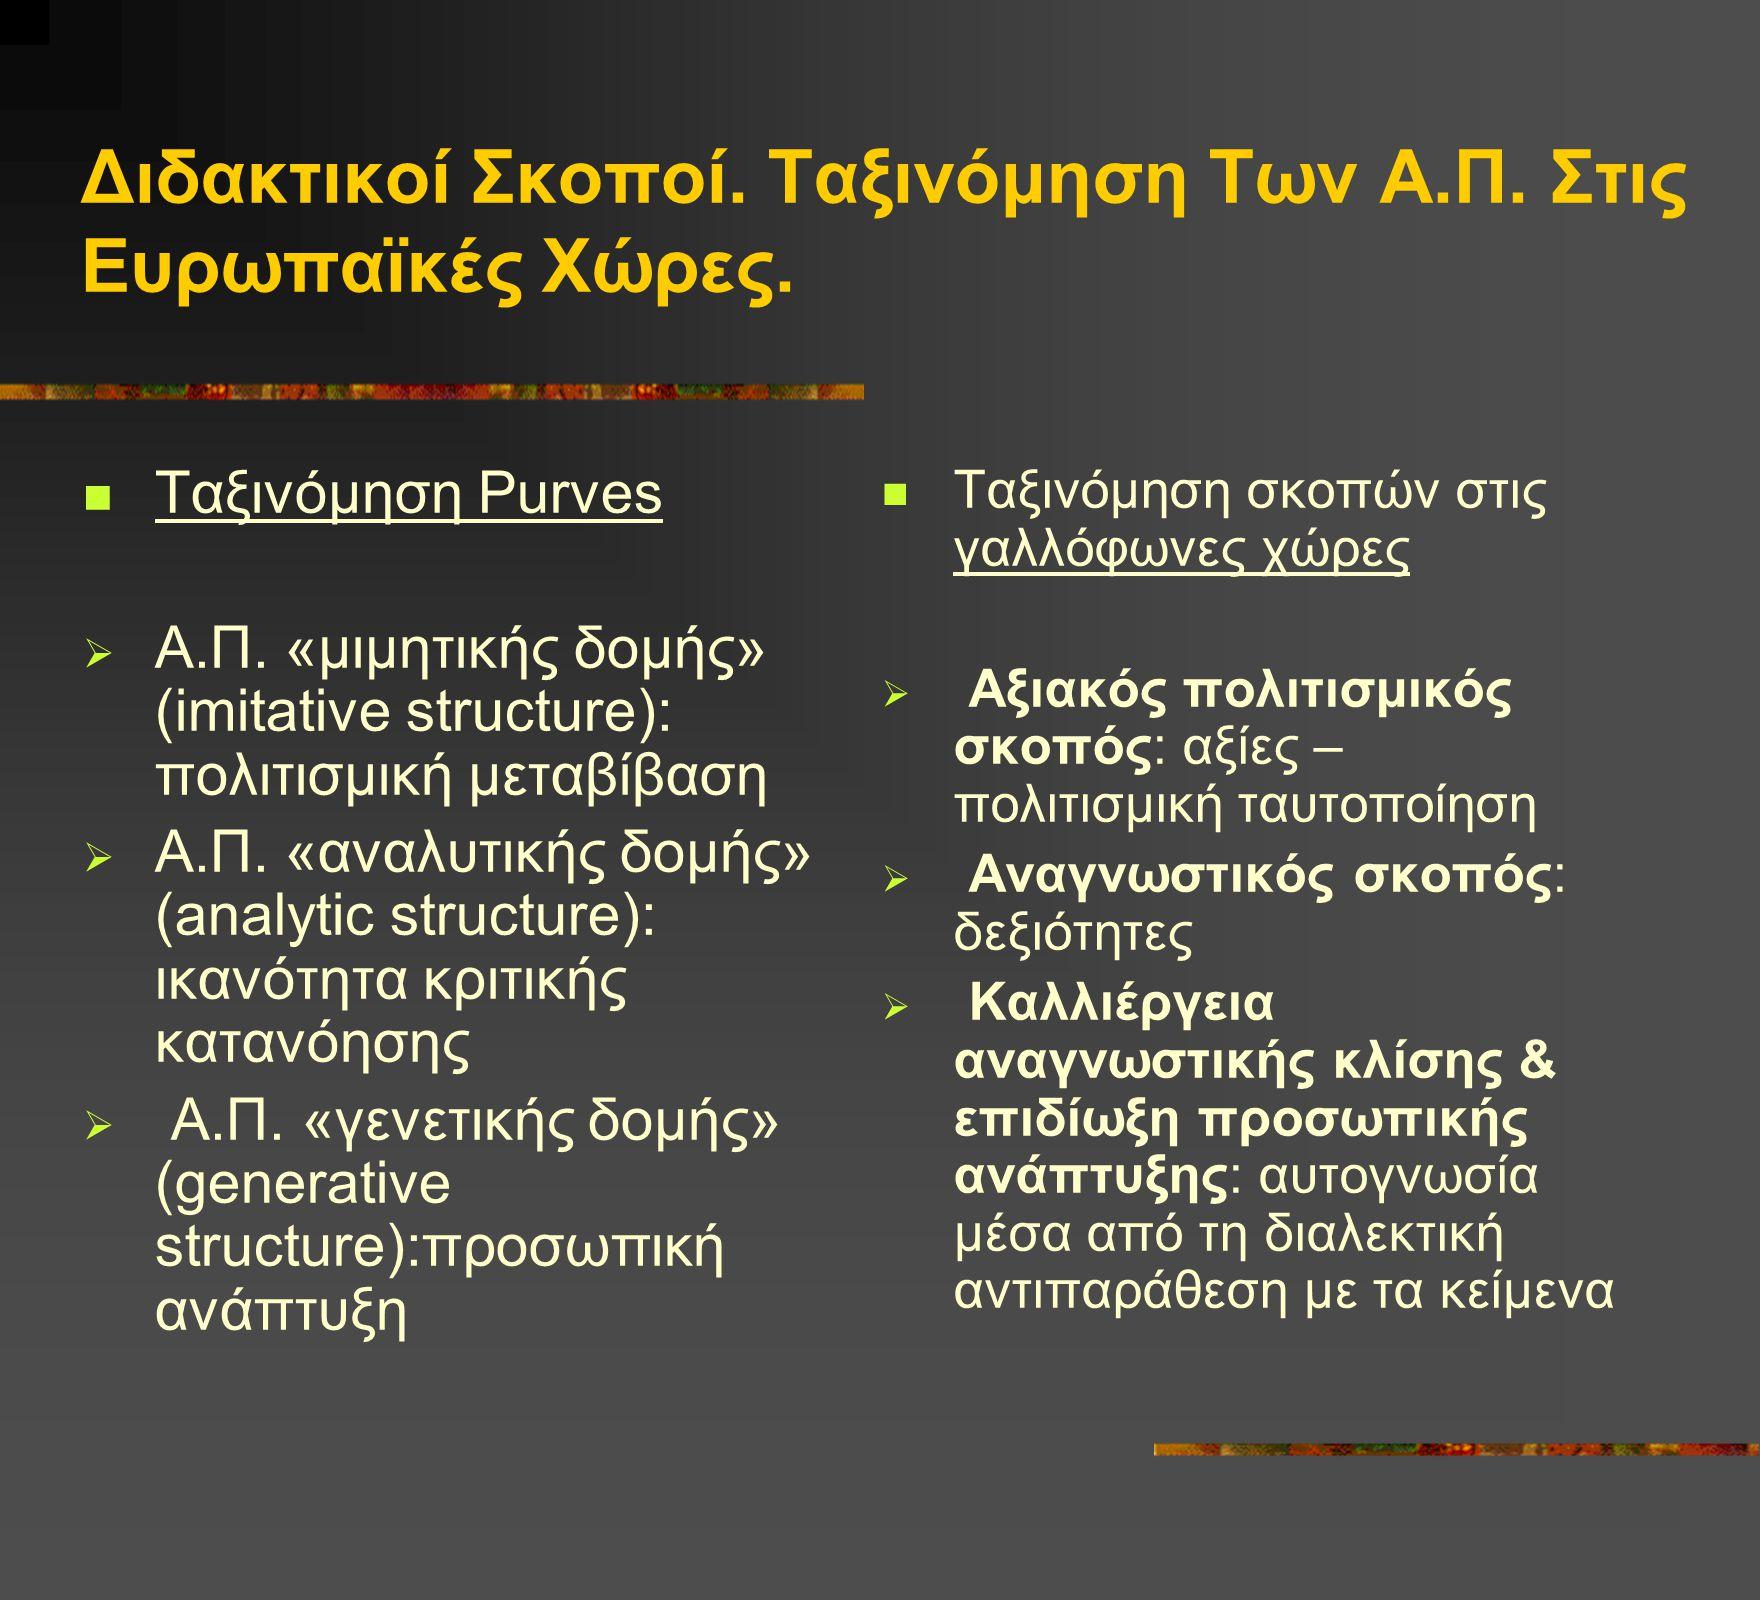 Διδακτικοί Σκοποί. Ταξινόμηση Των Α.Π. Στις Ευρωπαϊκές Χώρες. Ταξινόμηση Purves  Α.Π. «μιμητικής δομής» (imitative structure): πολιτισμική μεταβίβαση